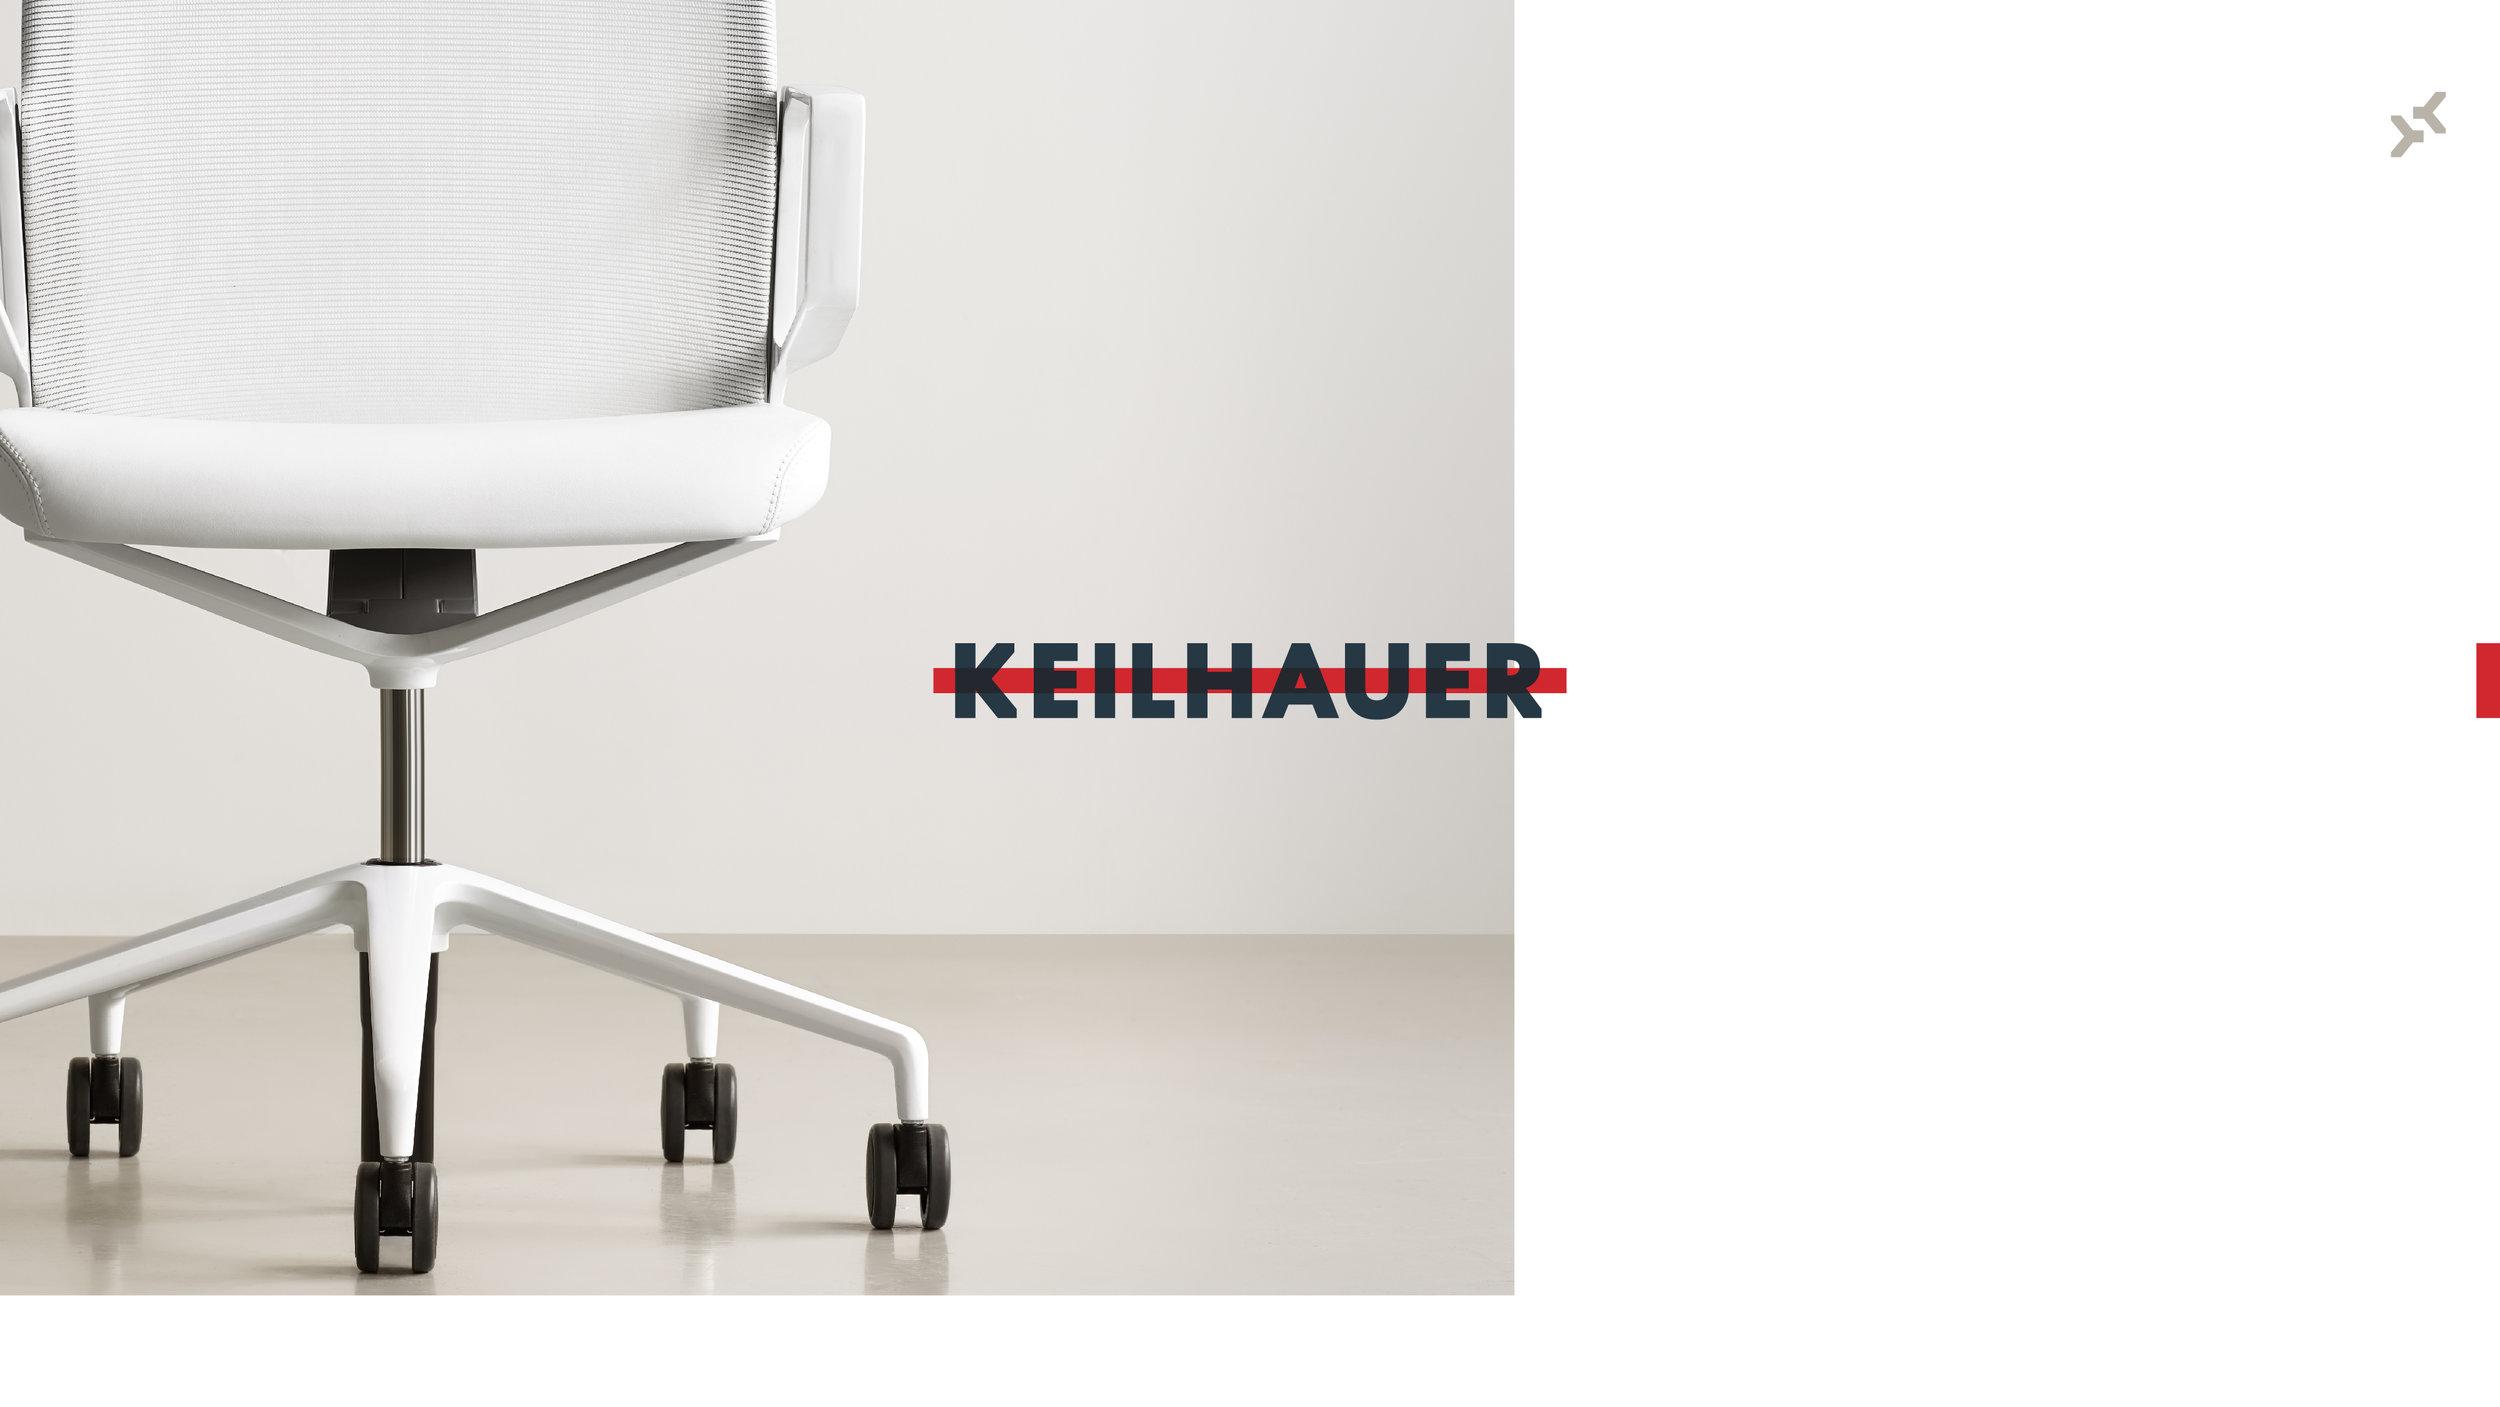 Keilhauer-01.jpg